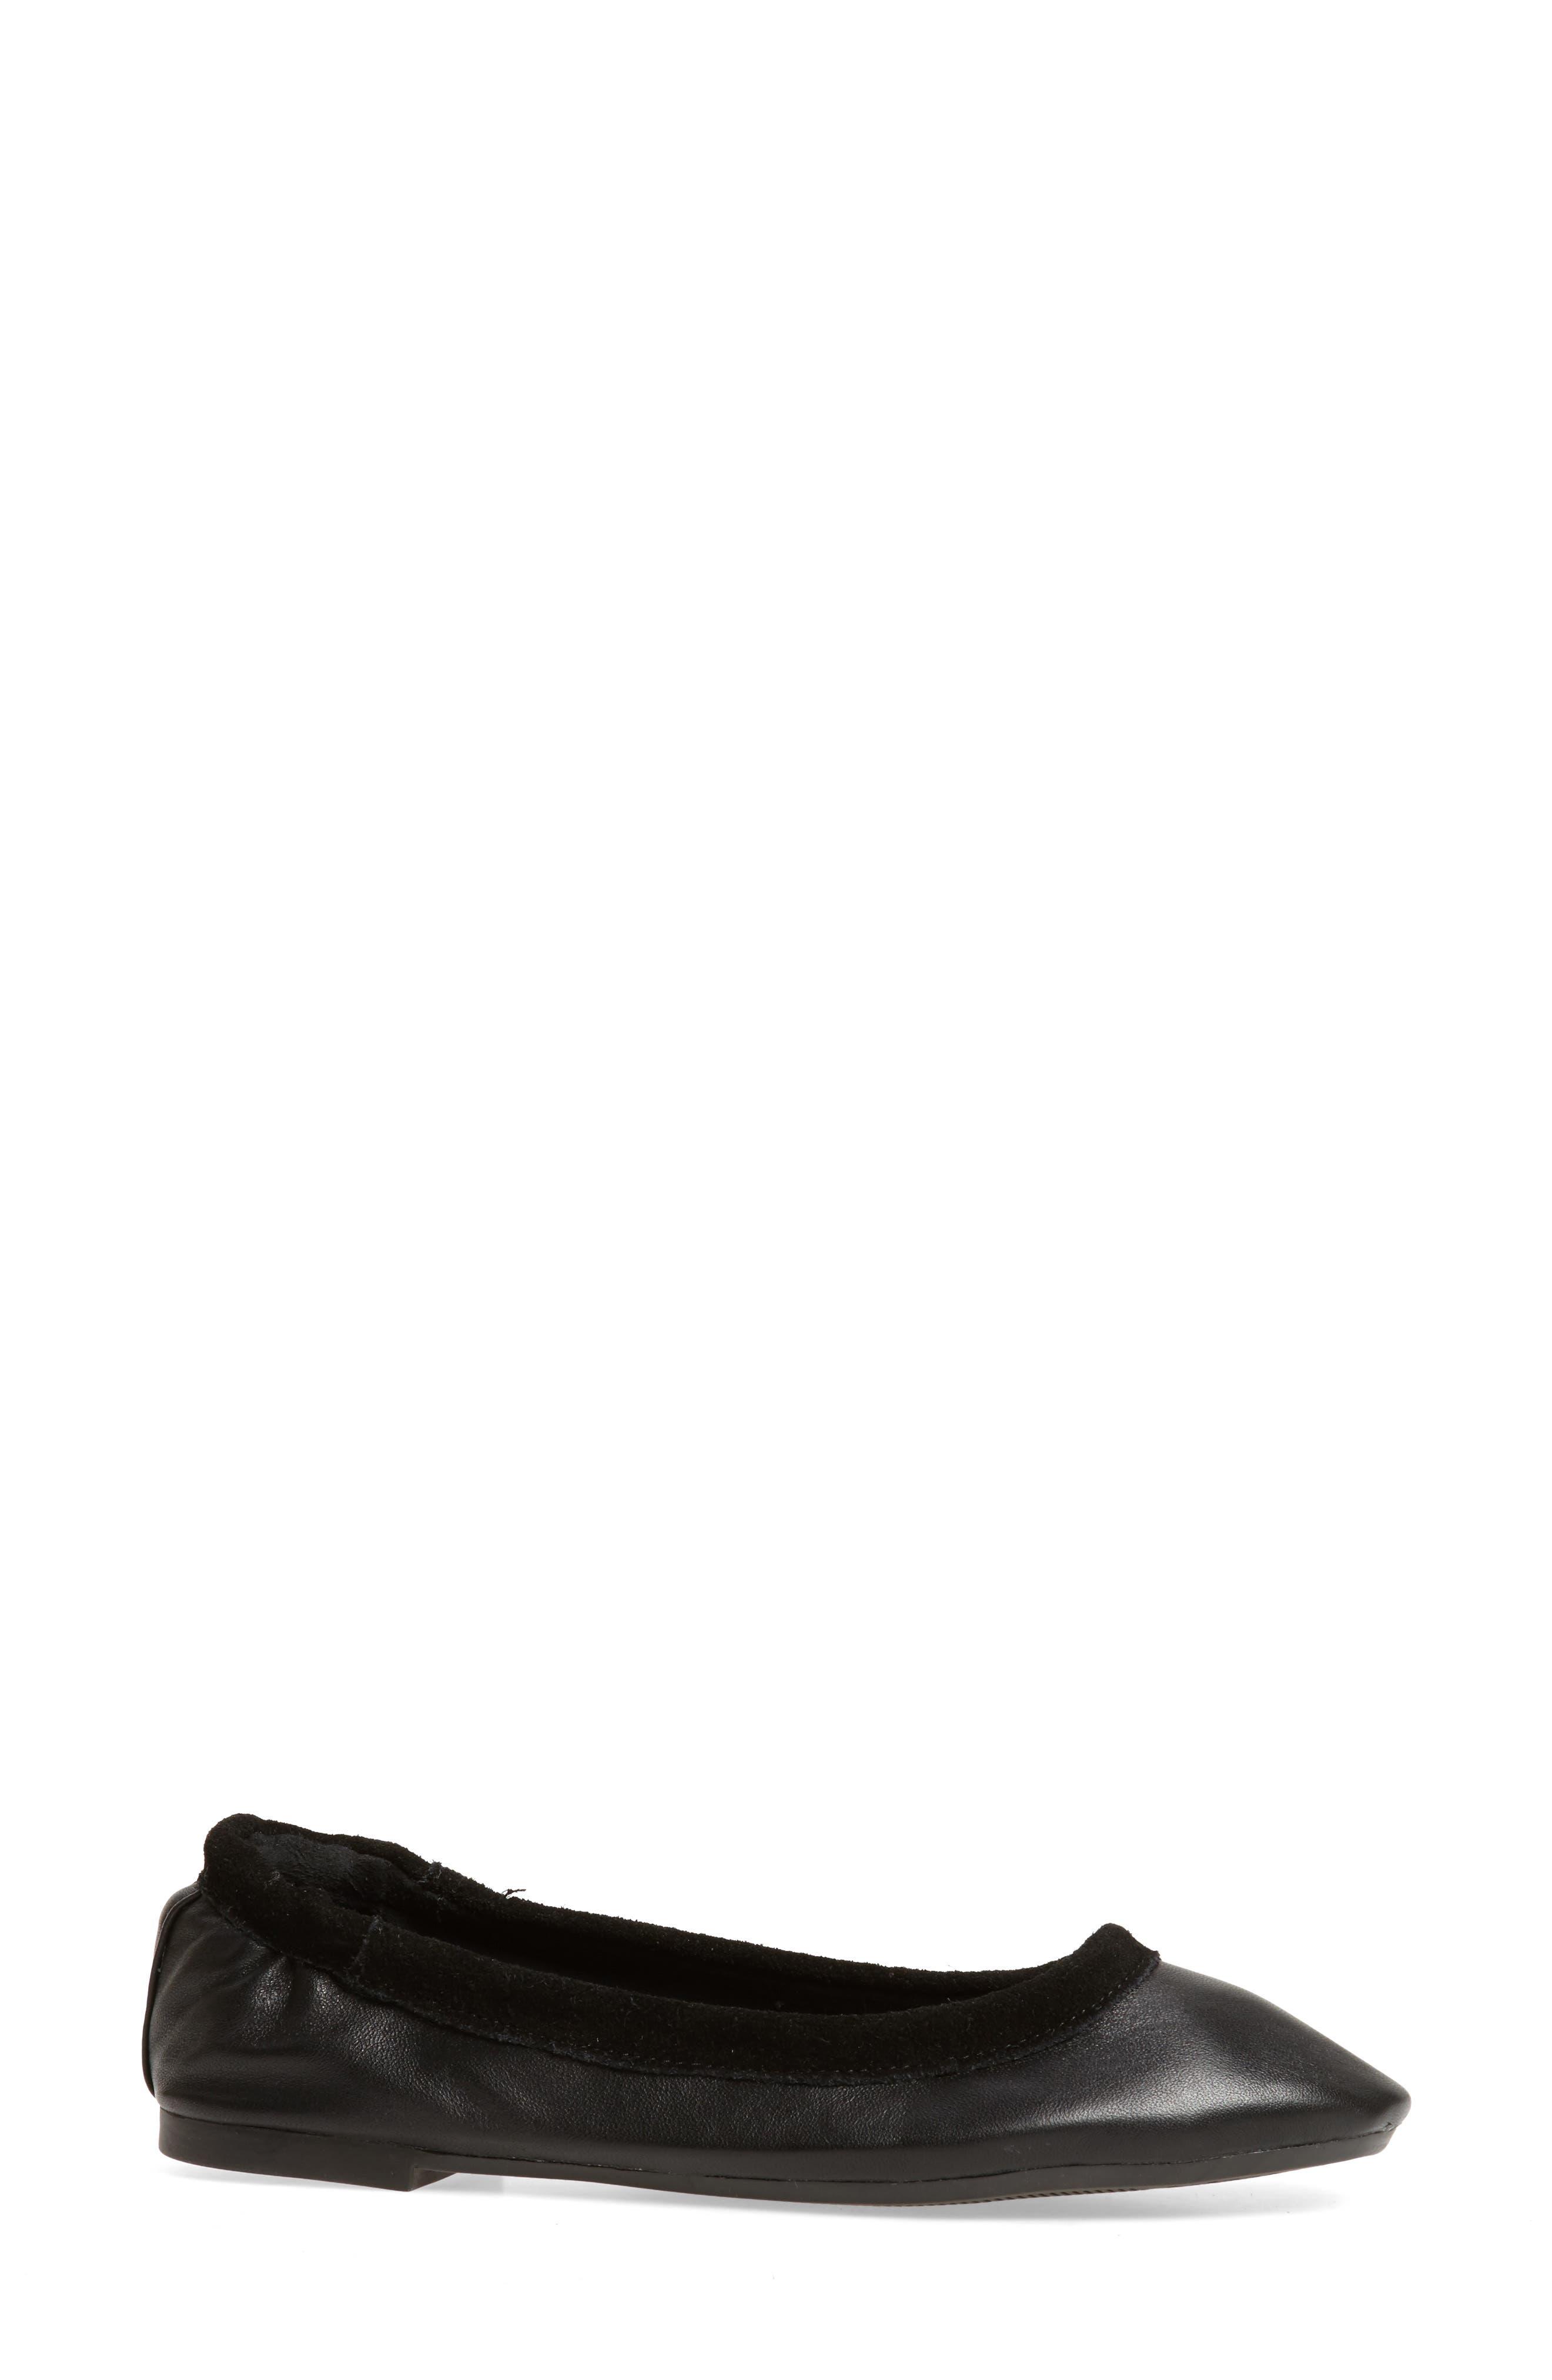 M4D3 Cozy Ballet Flat,                             Alternate thumbnail 3, color,                             Black Leather